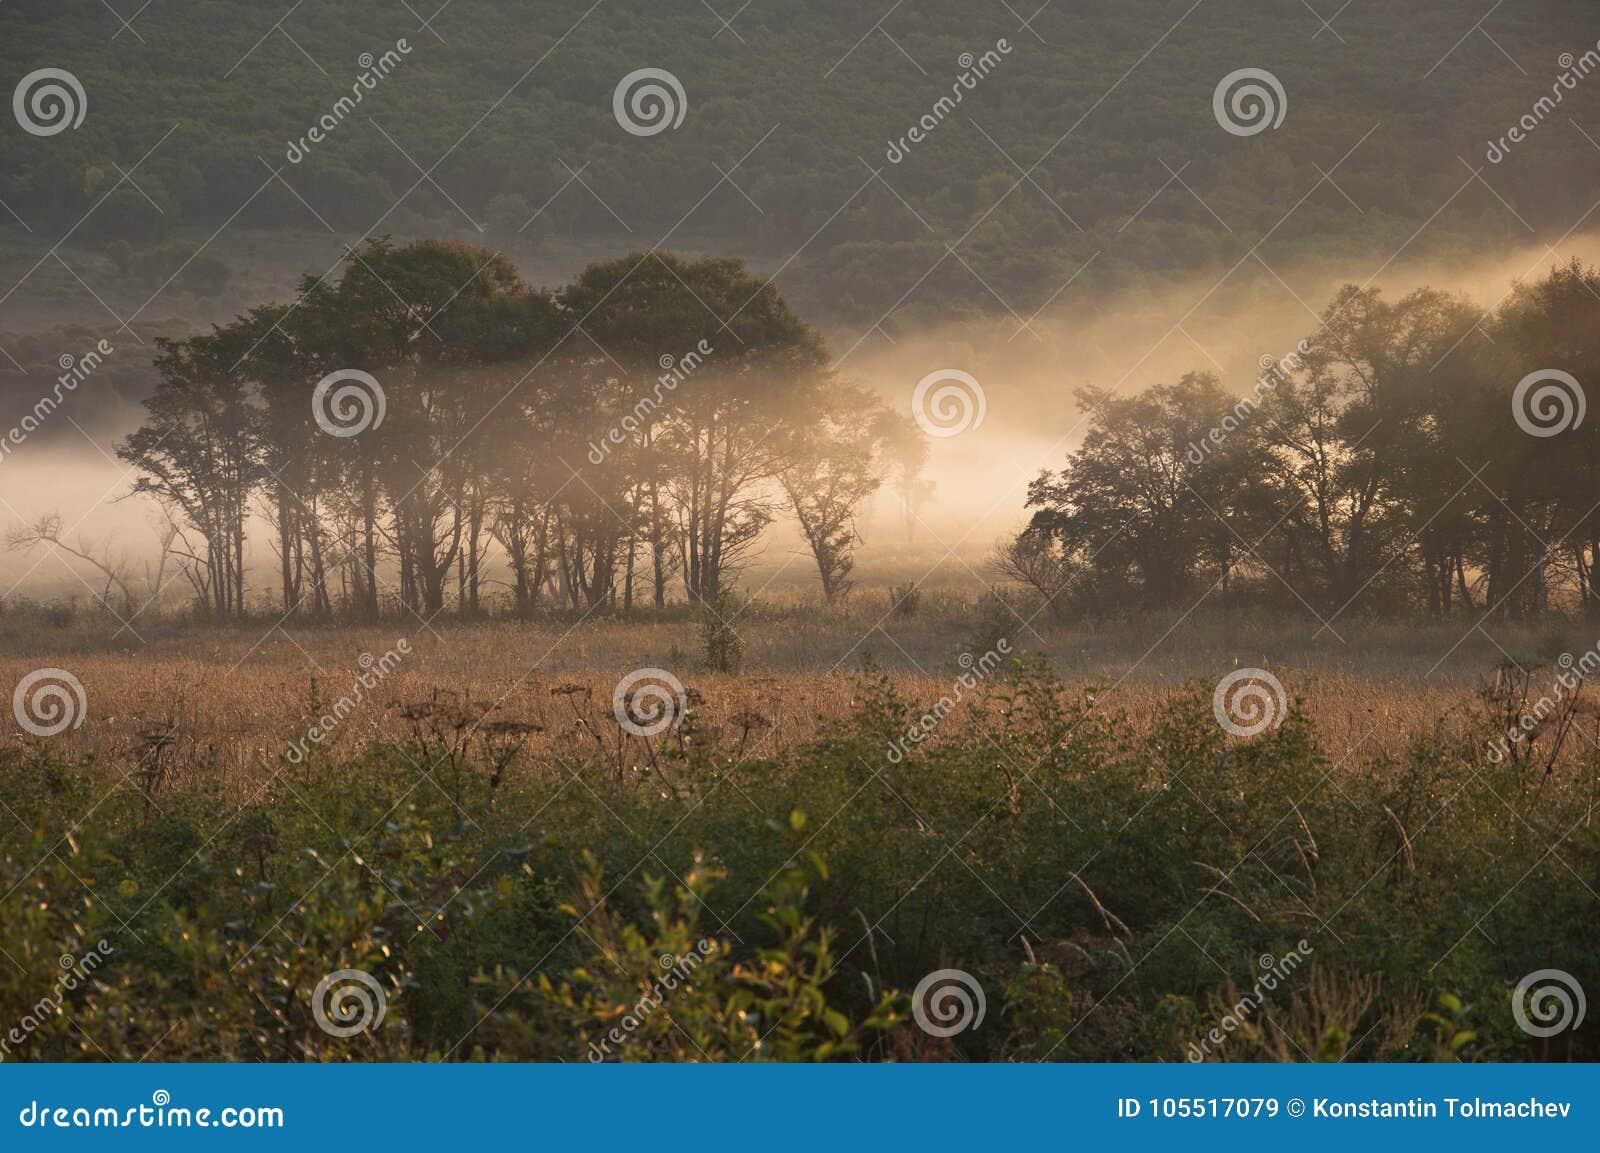 Τομέας και δάσος στην ομίχλη/το πρωί/τη φύση της μακριά ανατολικά Ρωσίας